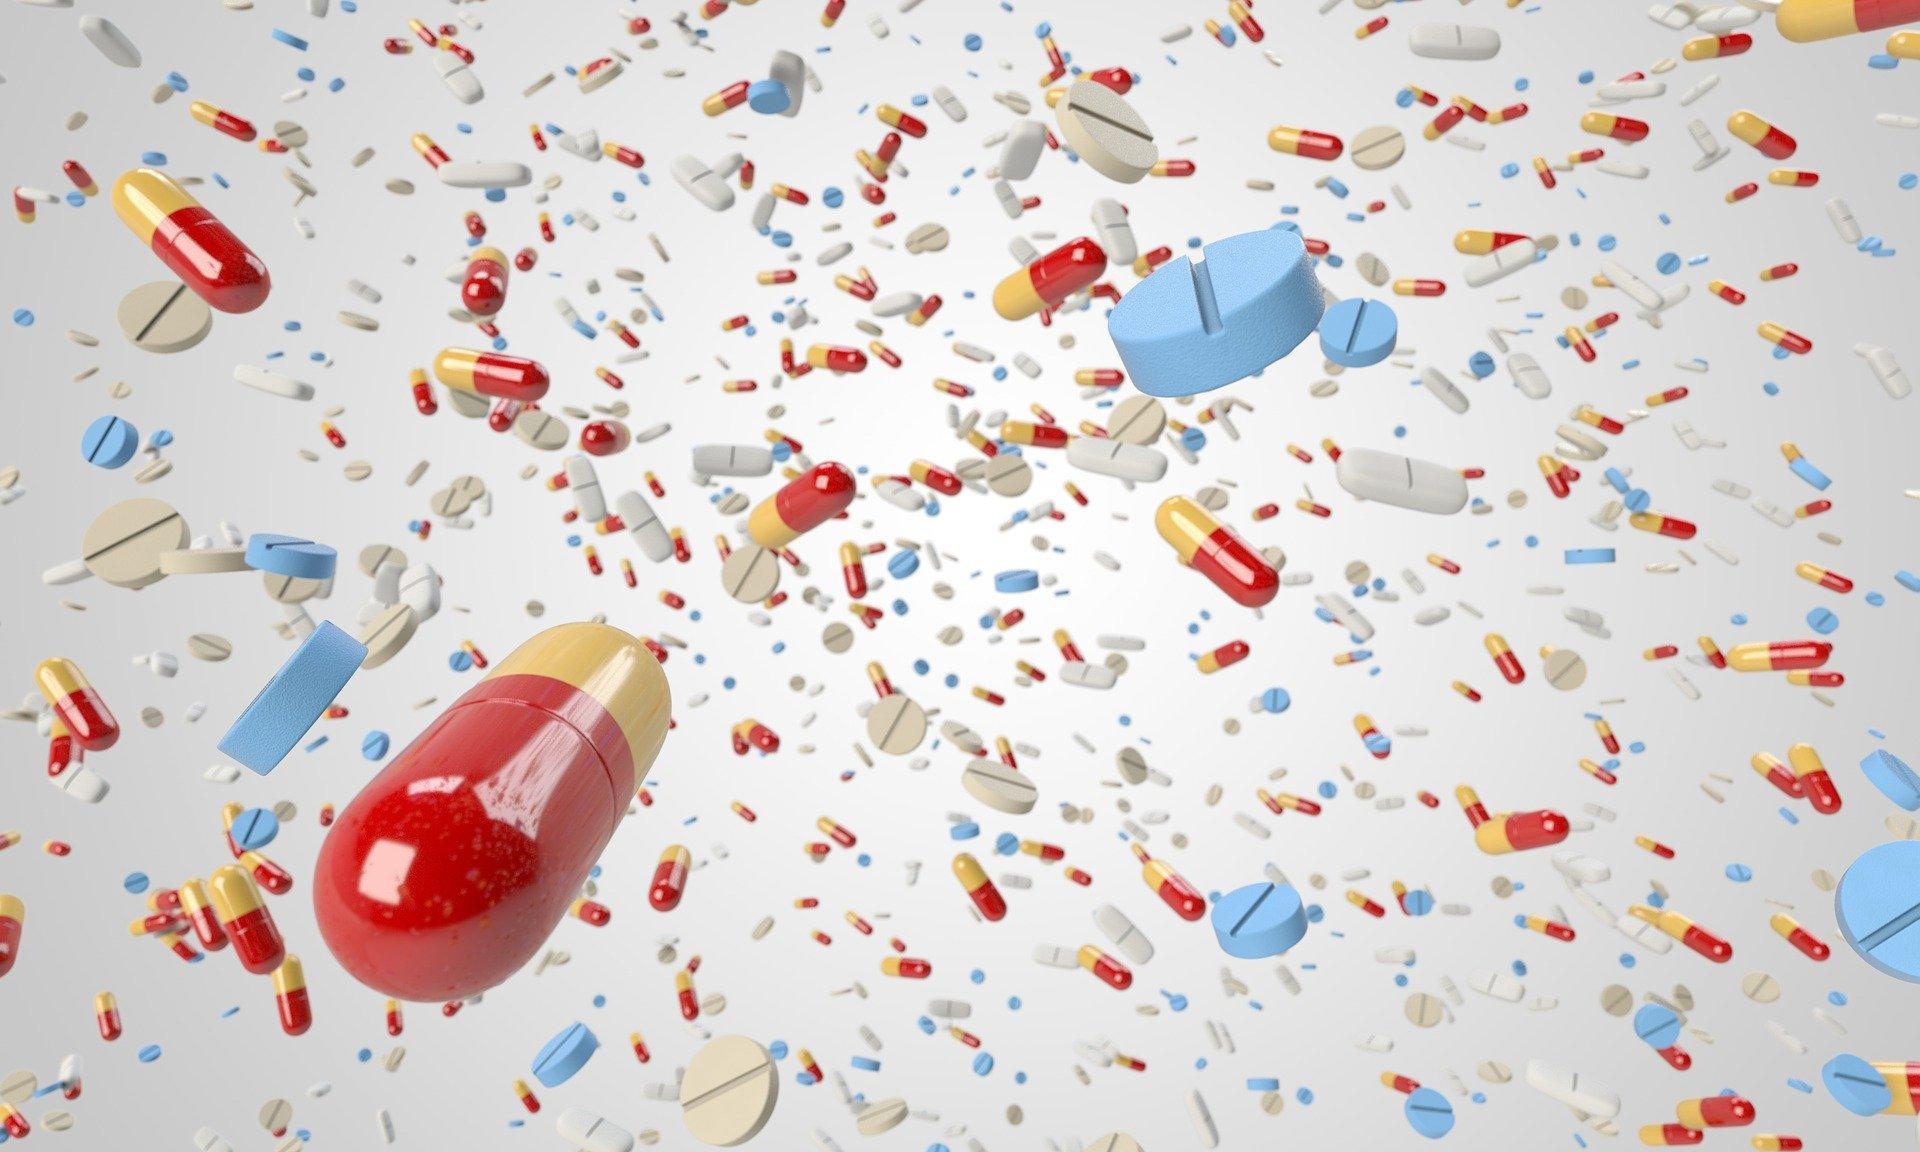 Adimen artifizialak garatutako lehenengo droga ikerketa klinikoaren fasean sartzen da